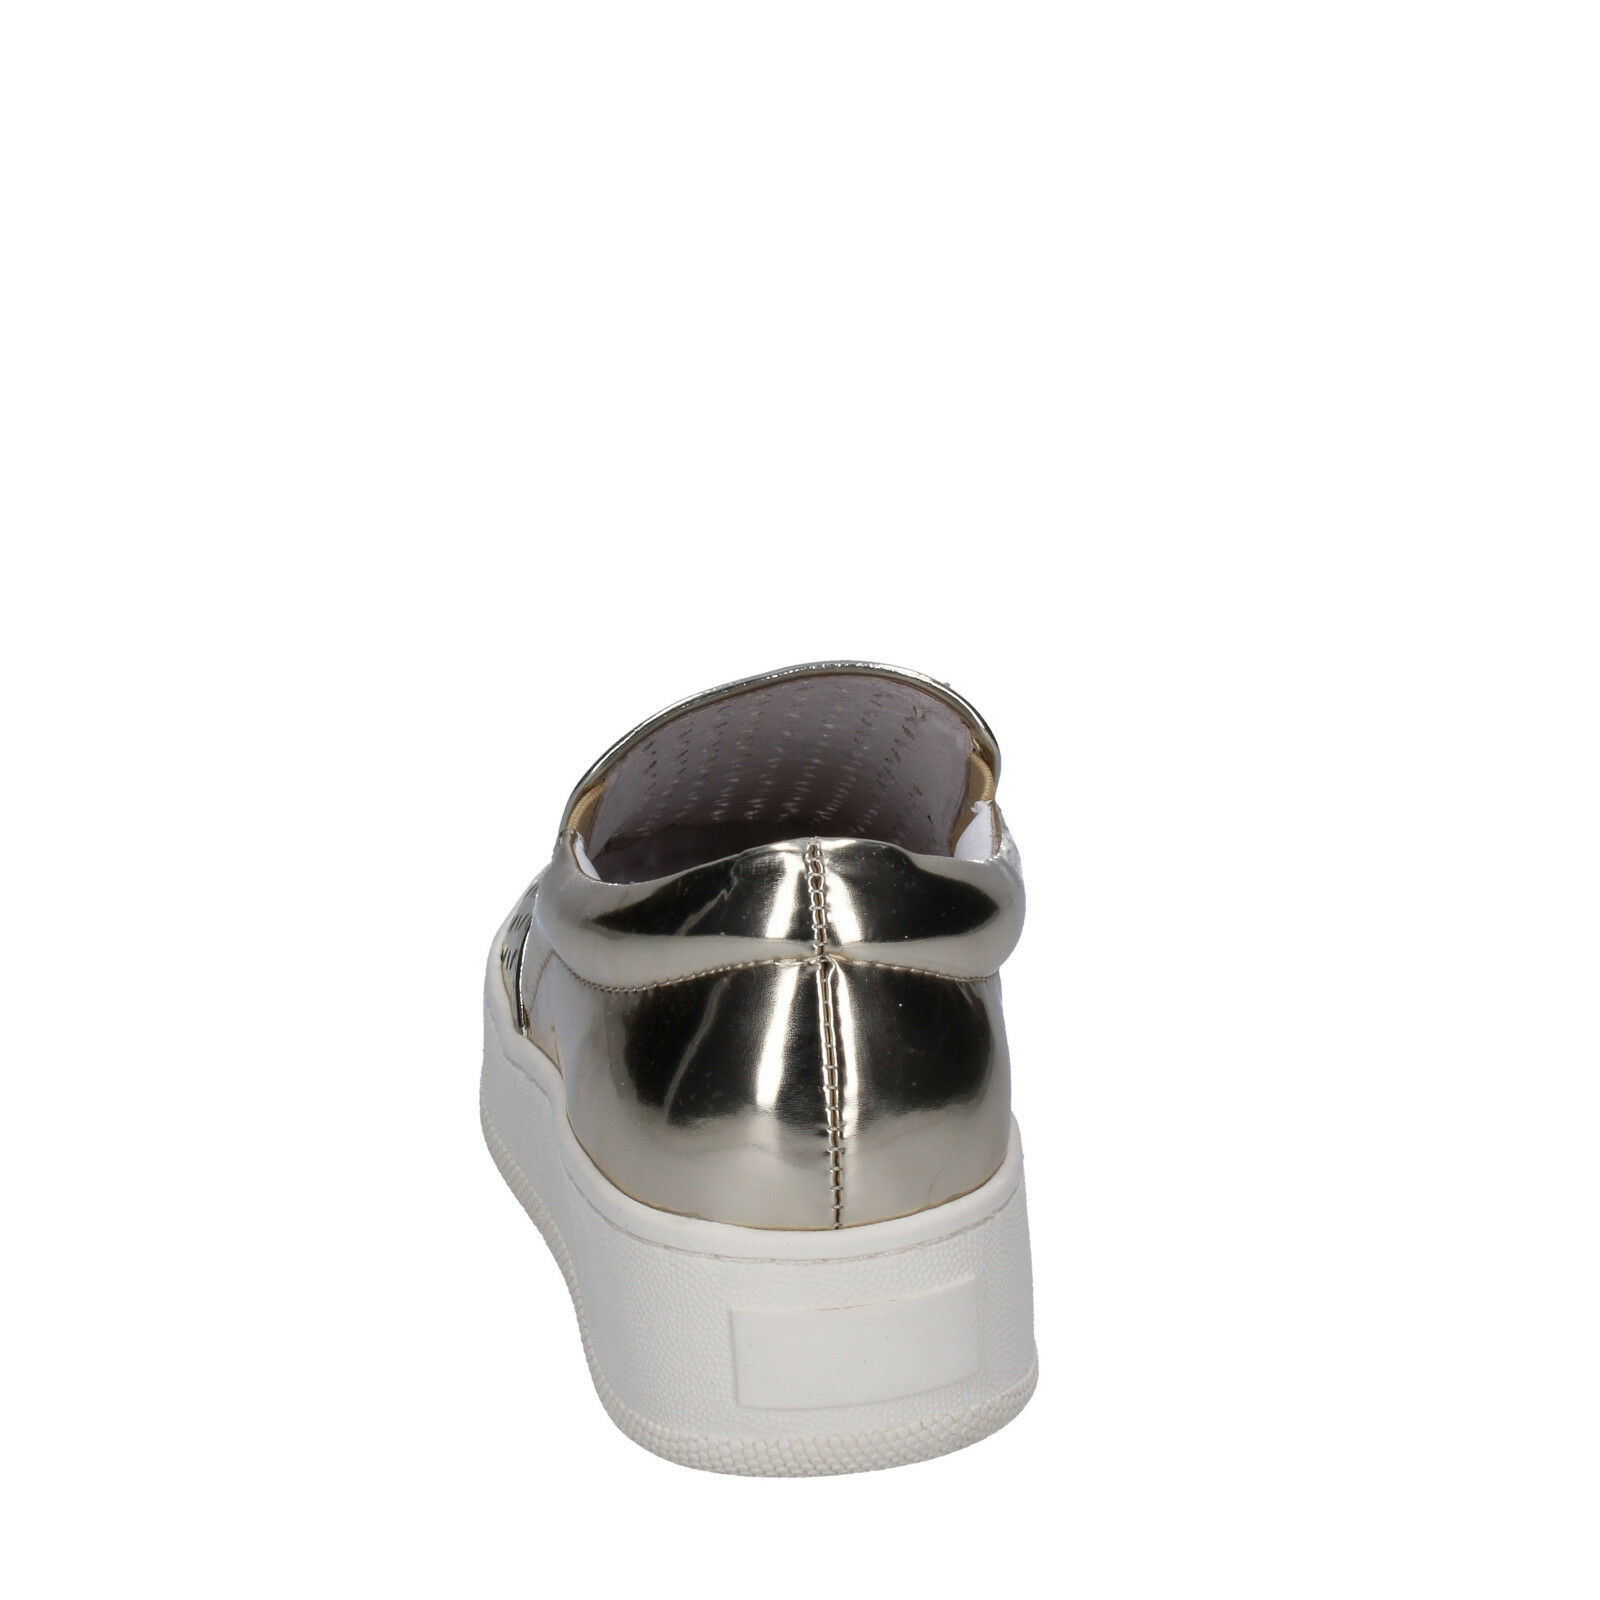 Damens's schuhe UMA UMA UMA PARKER 7 (EU 37) slip on gold Leder BT565-37 72259f